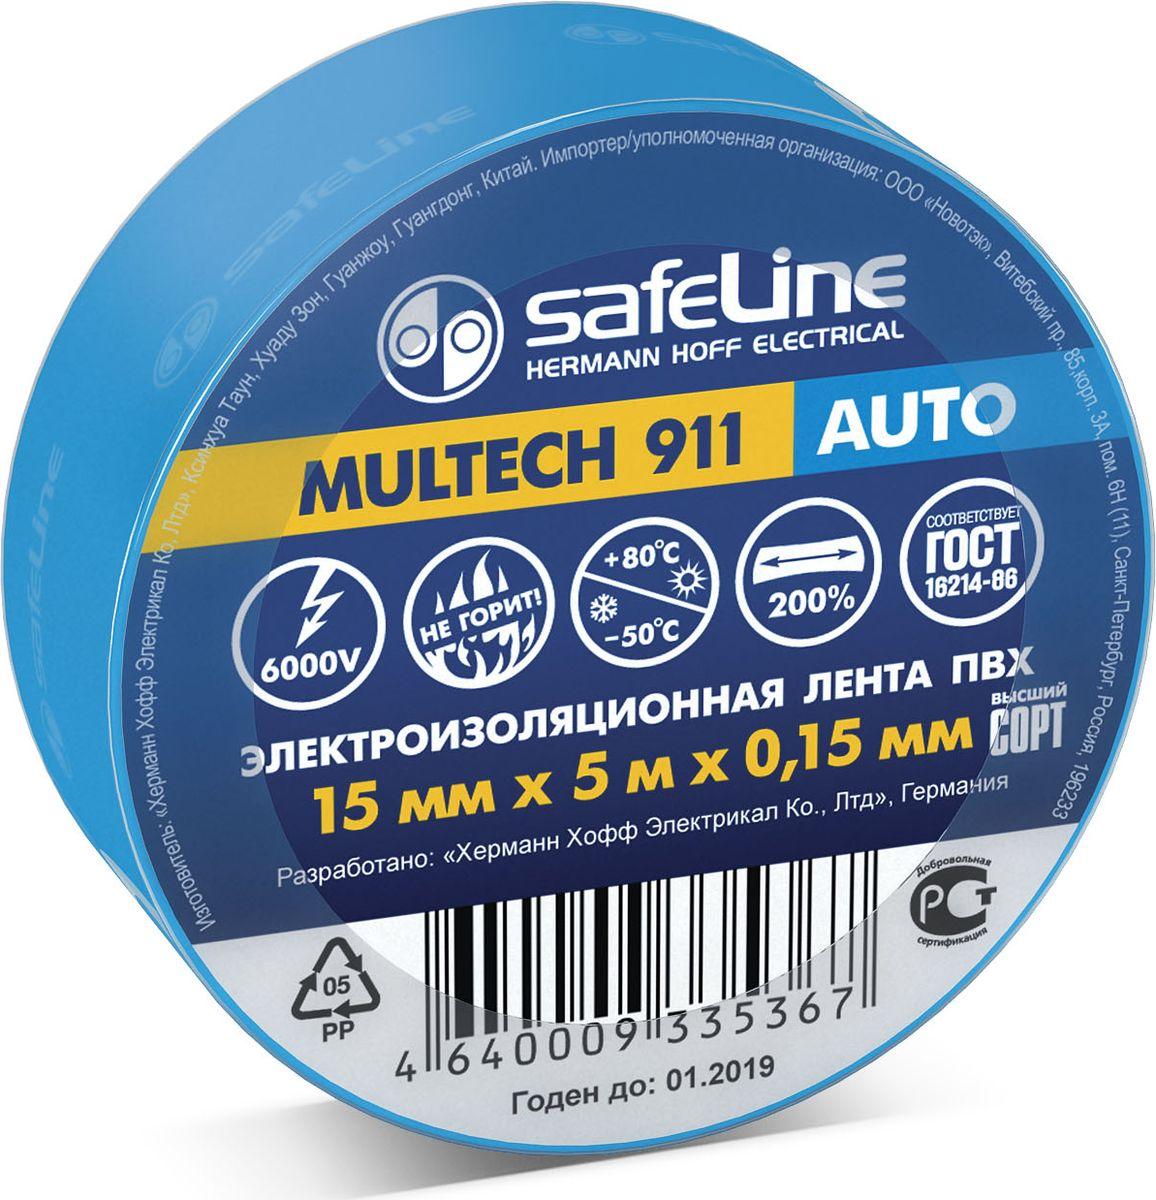 Лента изоляционная SafeLine, цвет: синий, ширина 1,5 см, длина 5 м22897Изолента SafeLine: Ширина 15 мм, длина 5 м, толщина 0,15 мм Адгезия (липкость) - 45сек Прочность при растяжении – 15МПа Напряжение пробоя – 6000В Максимальное удлинение - 200% Температура эксплуатации от -50 до +80оС Устойчива к горению Уменьшенный диаметр ролика Соответствует ГОСТ, высший сорт.